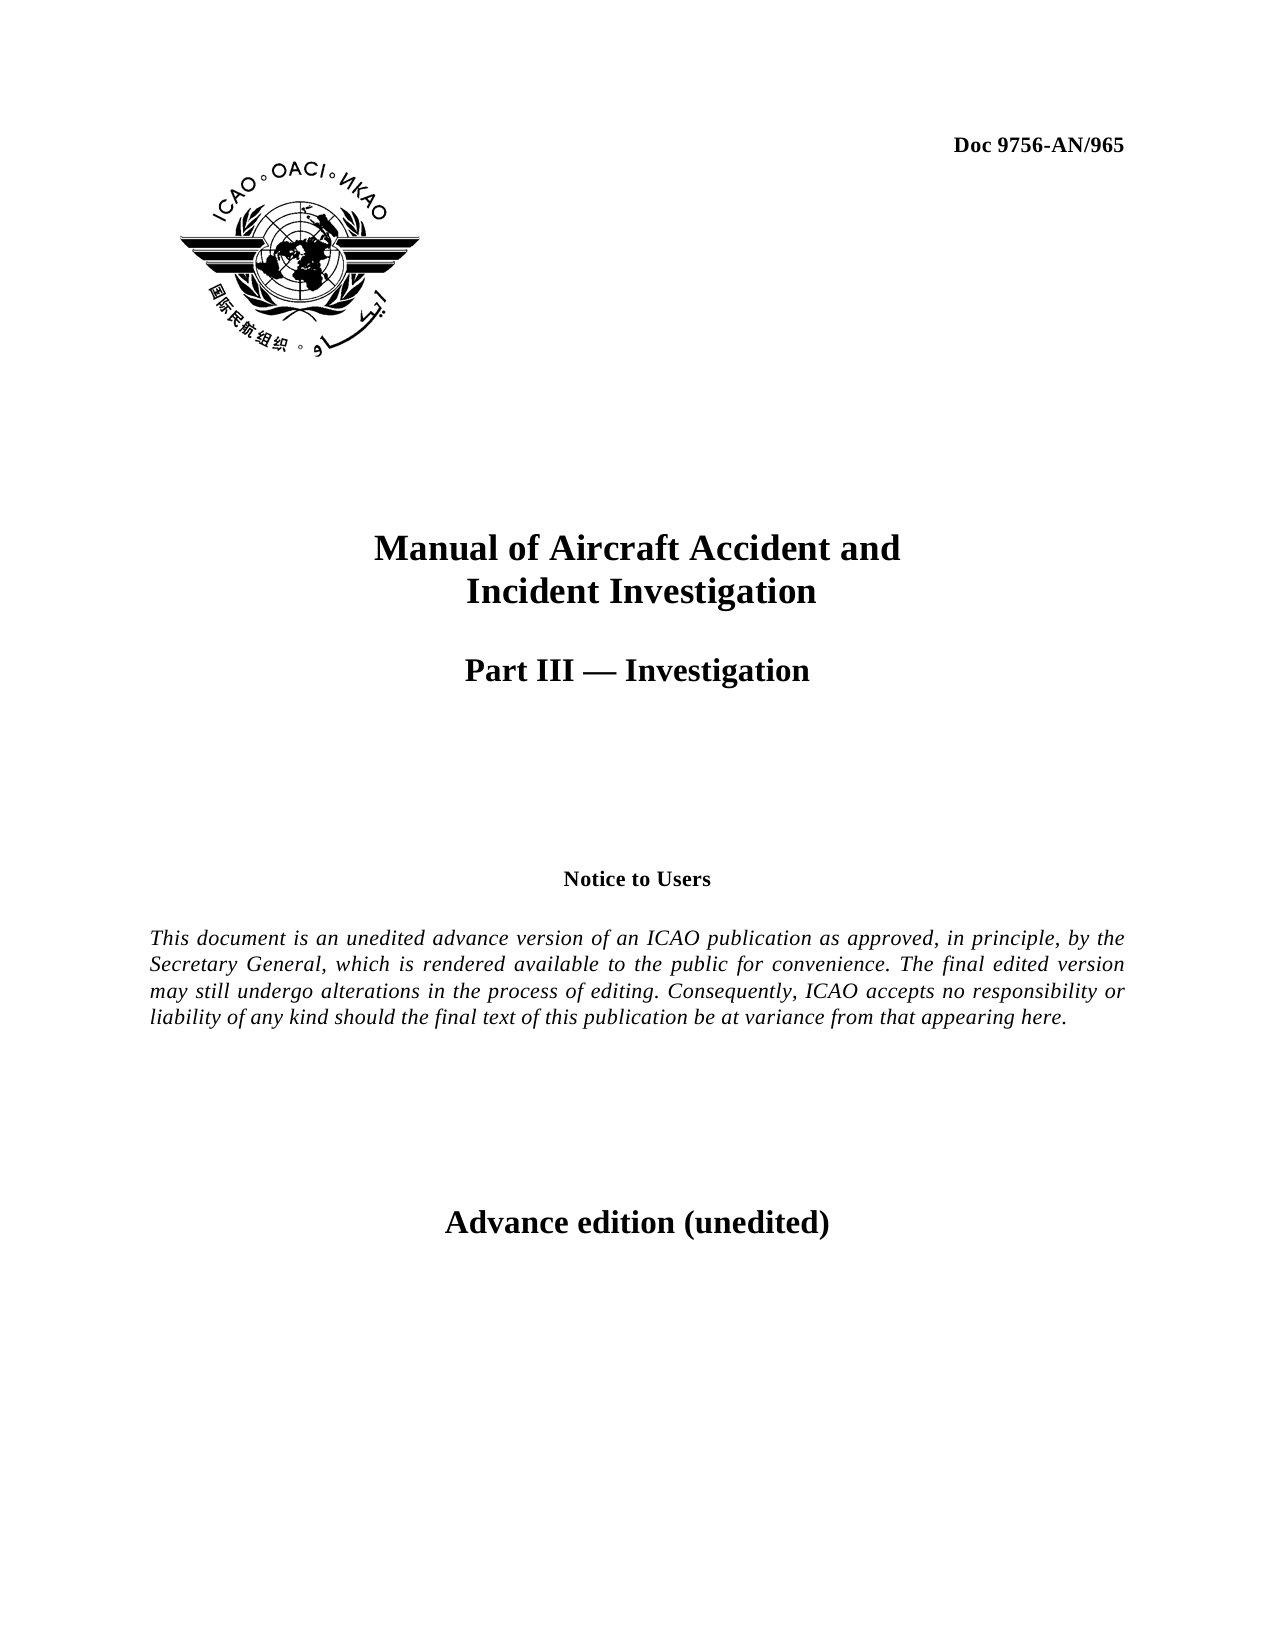 ICAO Doc 9756 Руководство по расследованию авиационных происшествий и инцидентов. Часть III. Расследование (English, Draft)